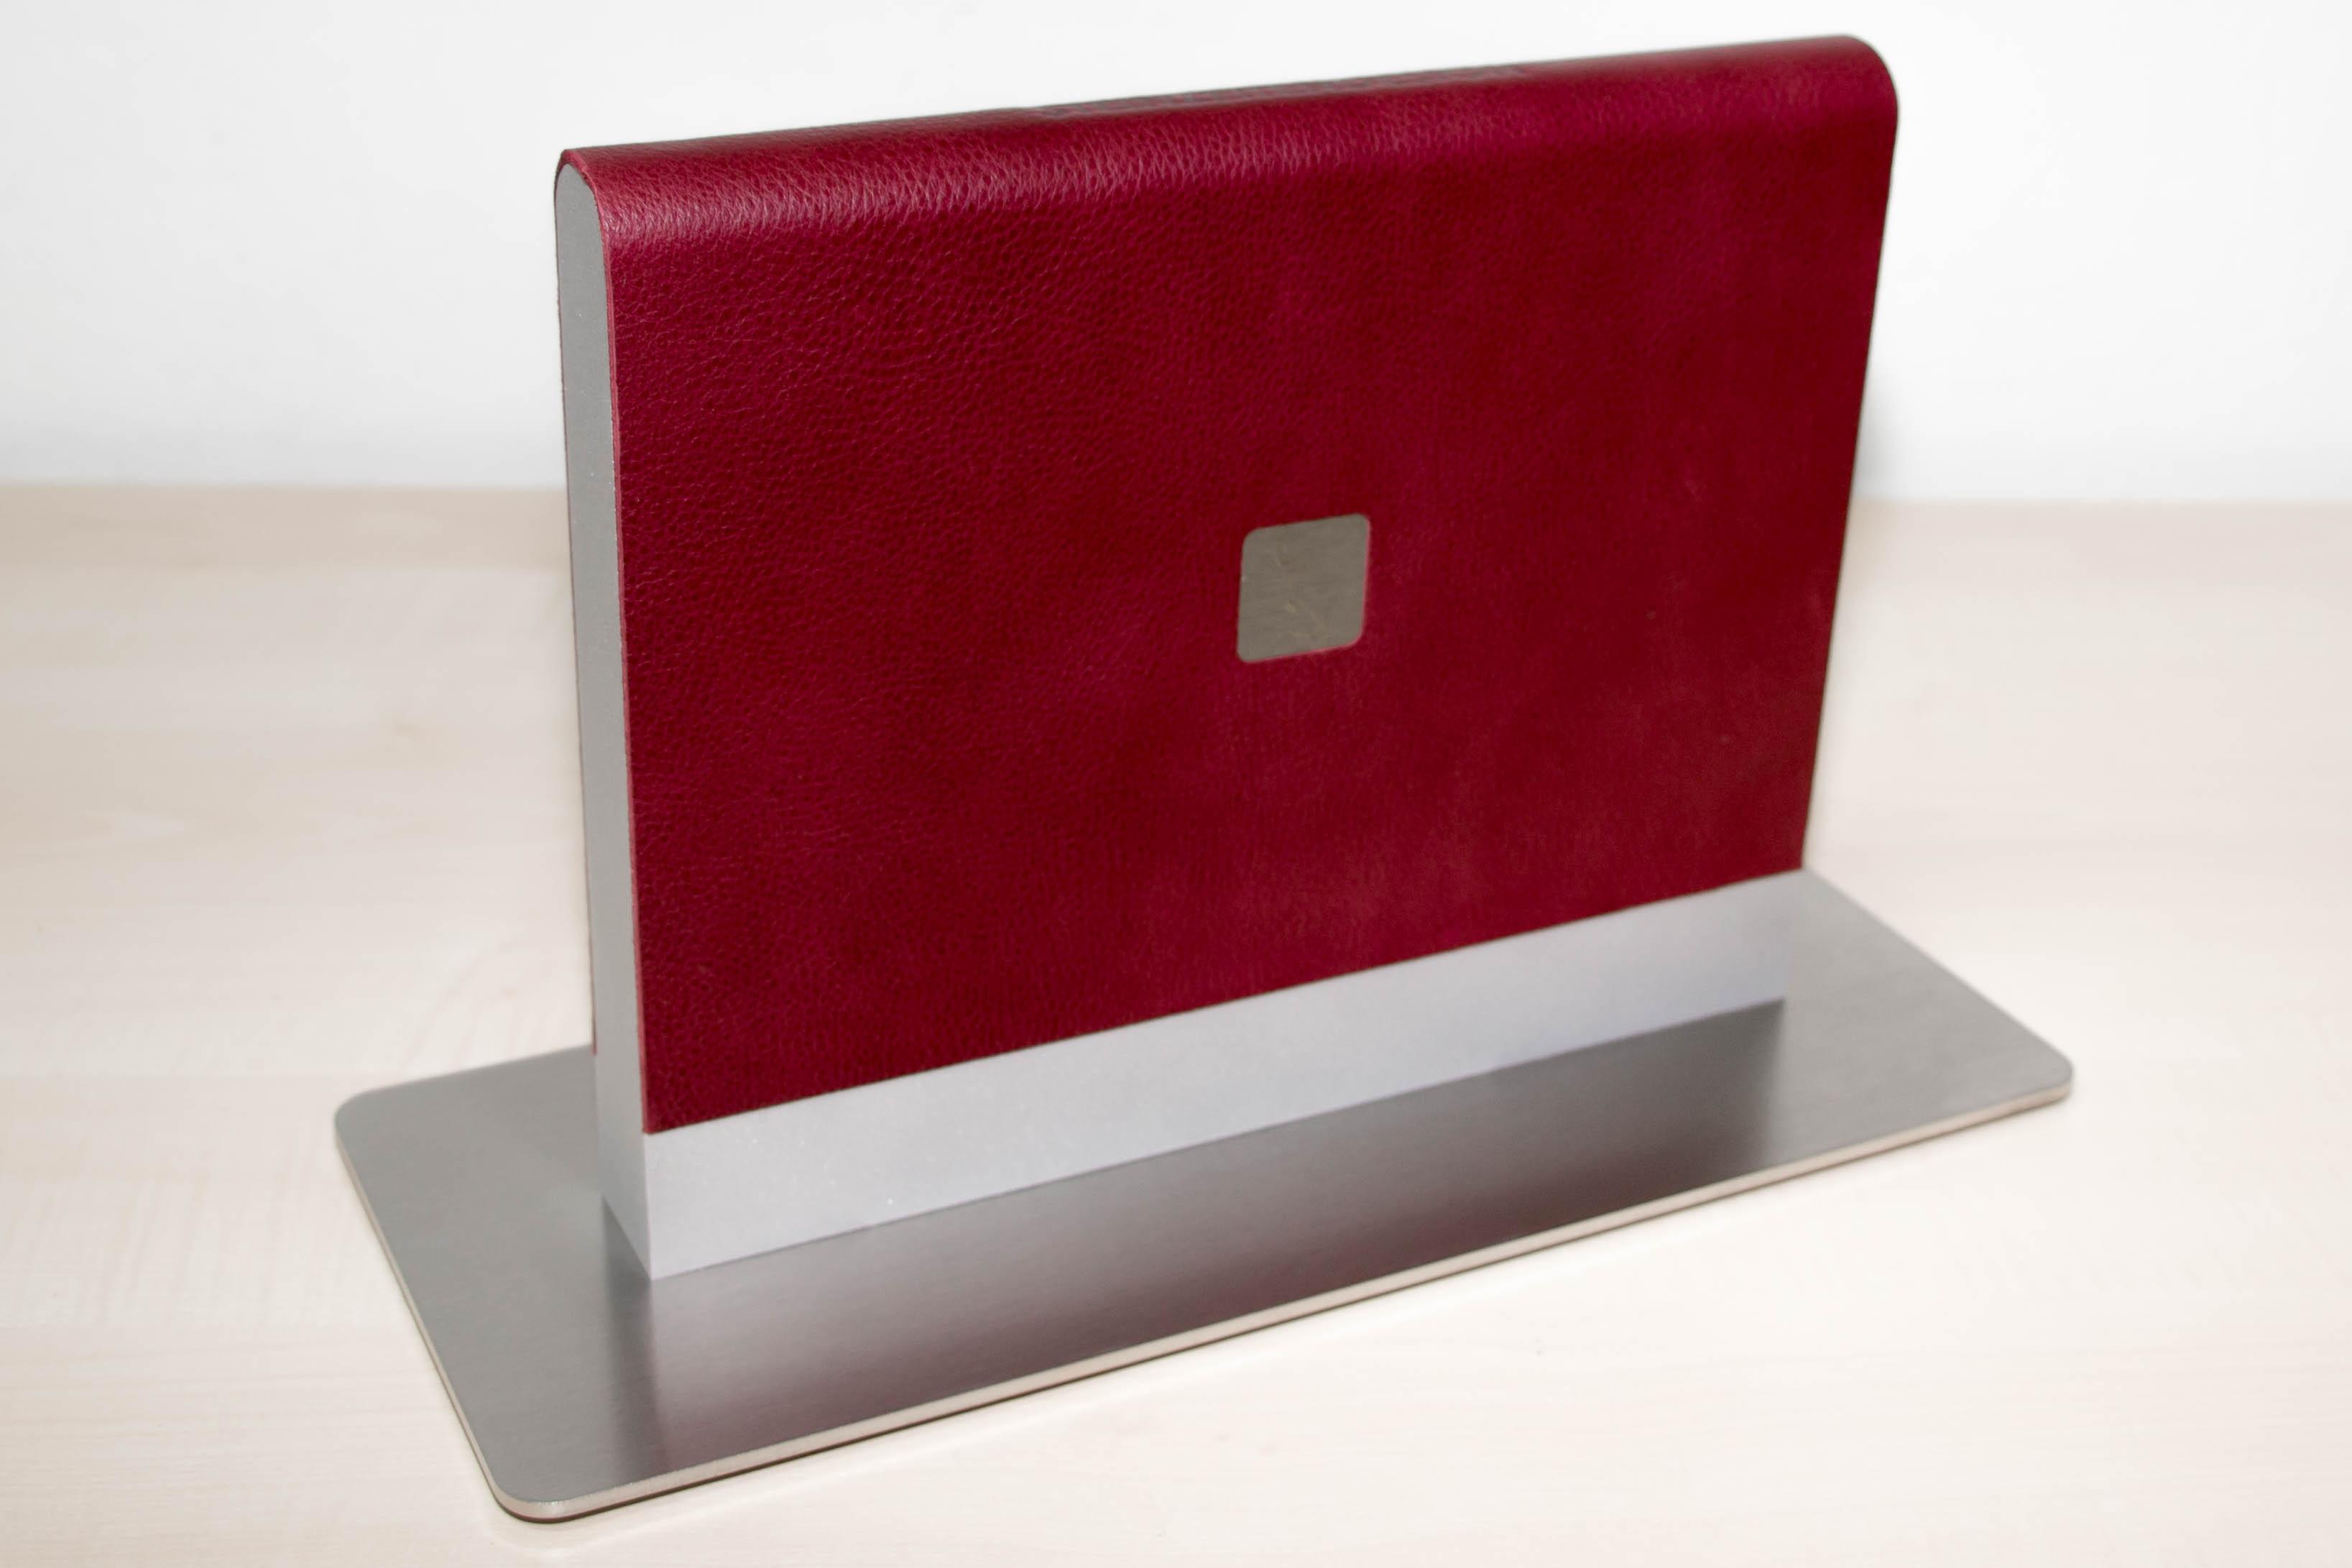 Fotos gratis : abstracto, cuero, metal, caja, mueble, moderno ...